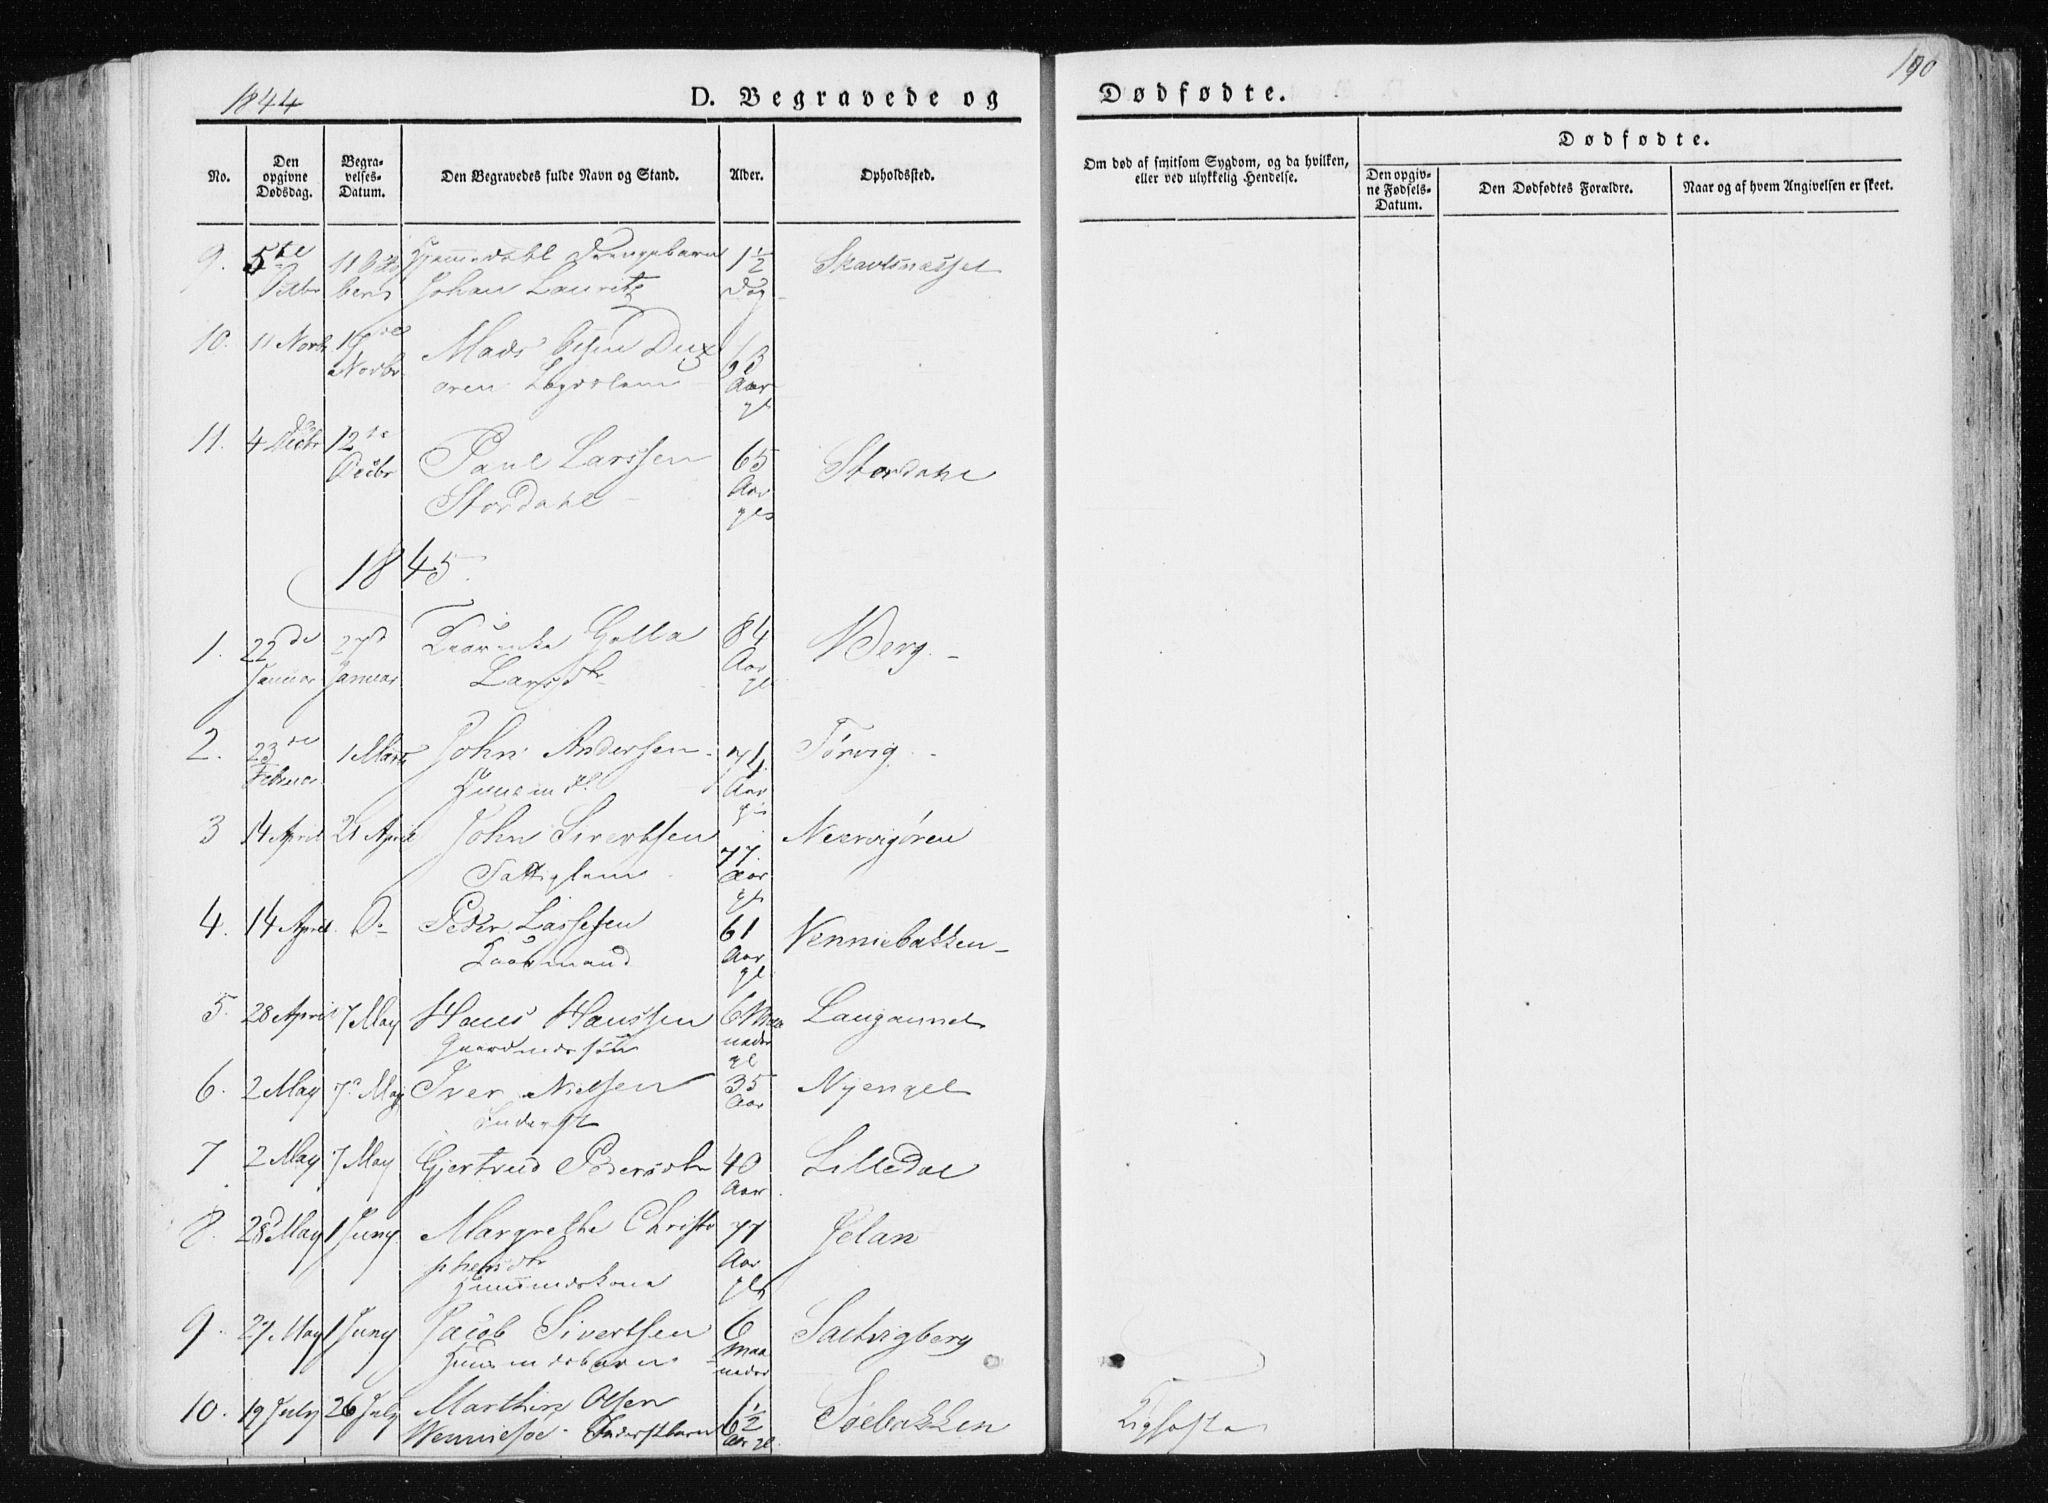 SAT, Ministerialprotokoller, klokkerbøker og fødselsregistre - Nord-Trøndelag, 733/L0323: Ministerialbok nr. 733A02, 1843-1870, s. 190